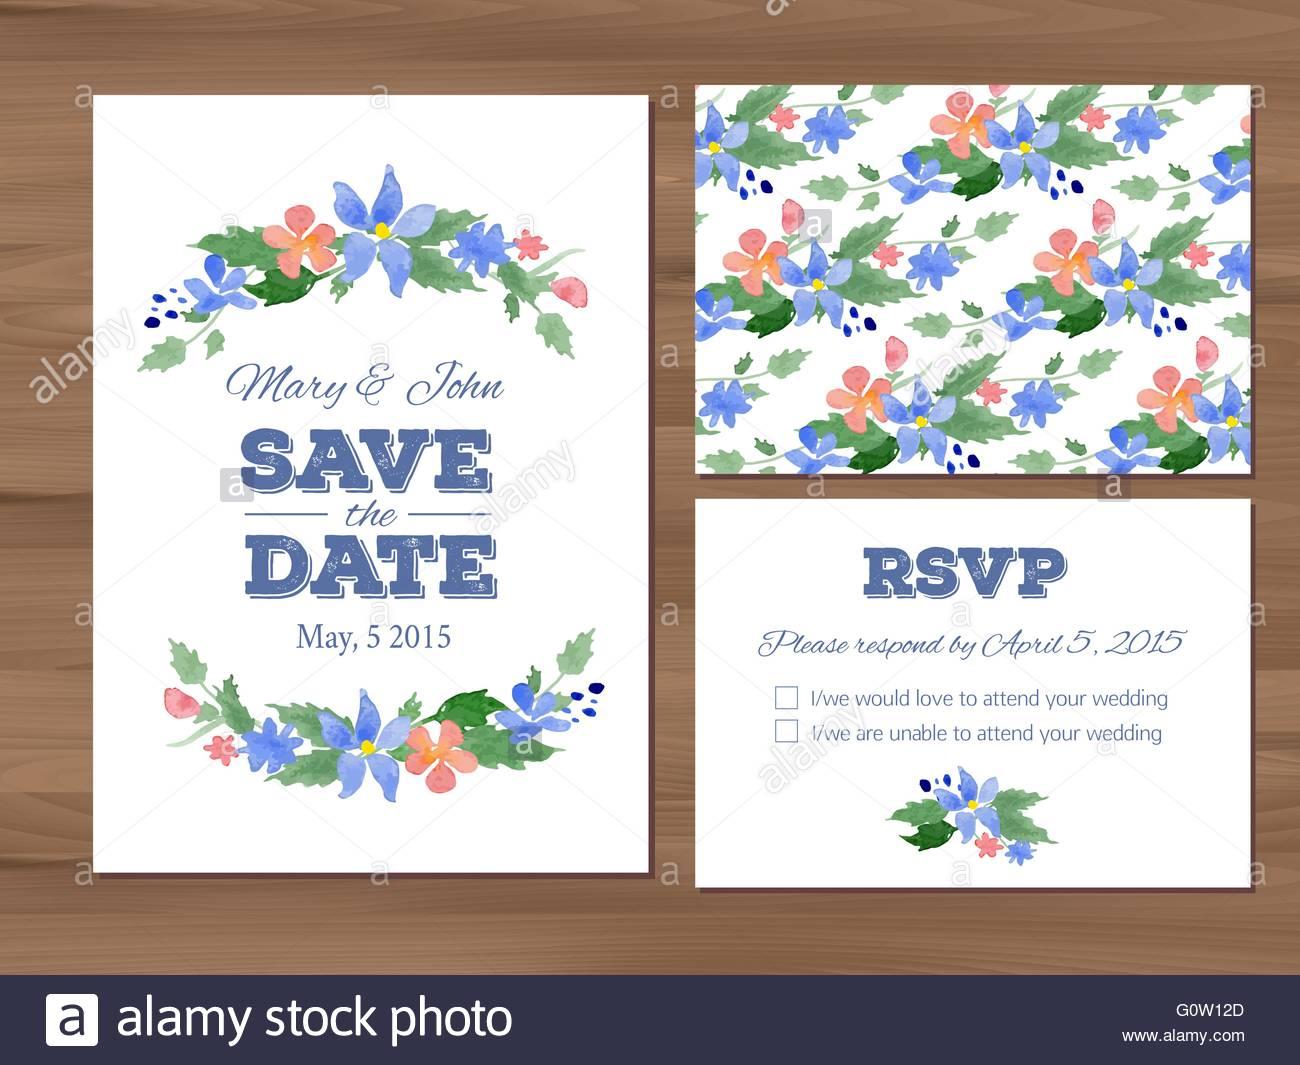 Hochzeit Mit Aquarell Blumen Und Typografischen Elementen Gesetzt